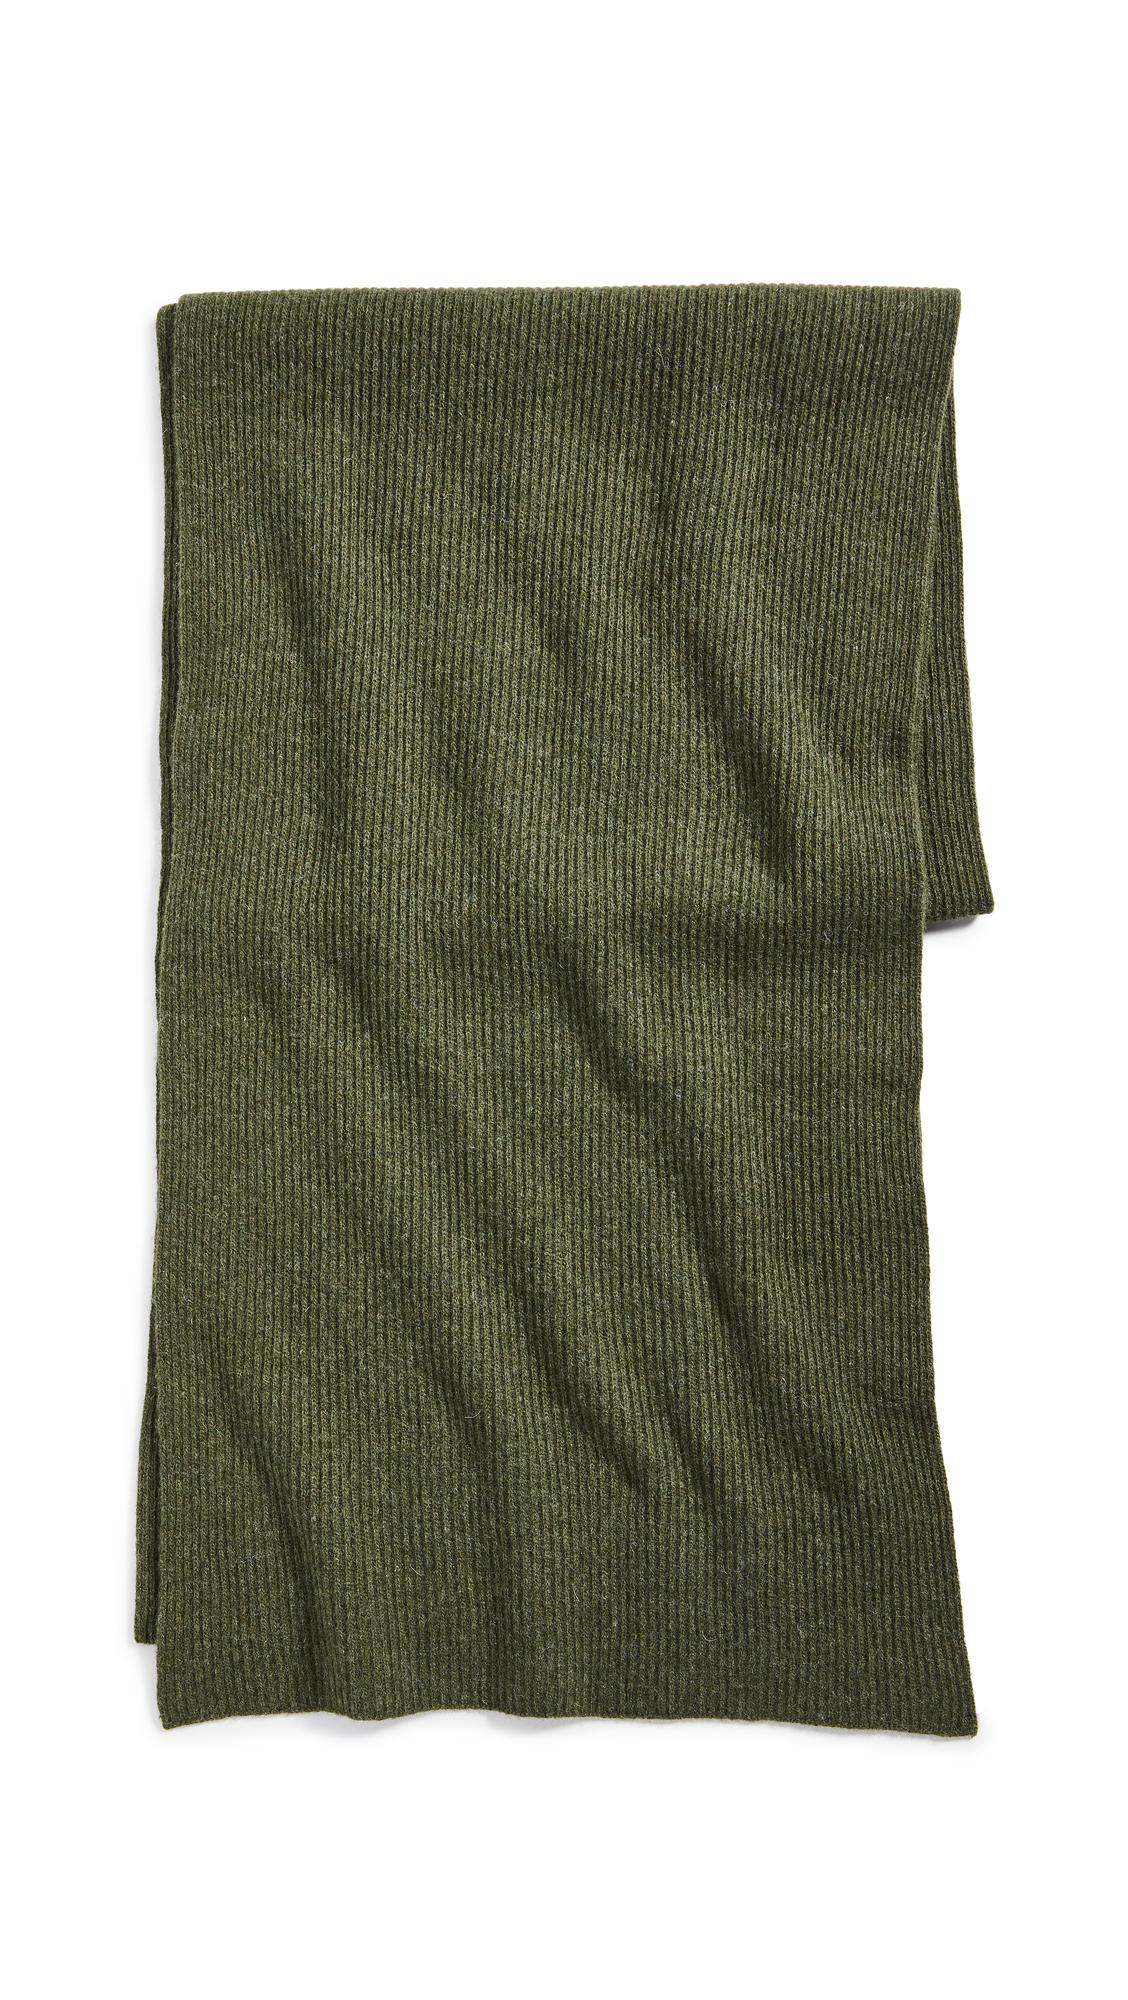 GANNI Recycled Wool Knit Scarf